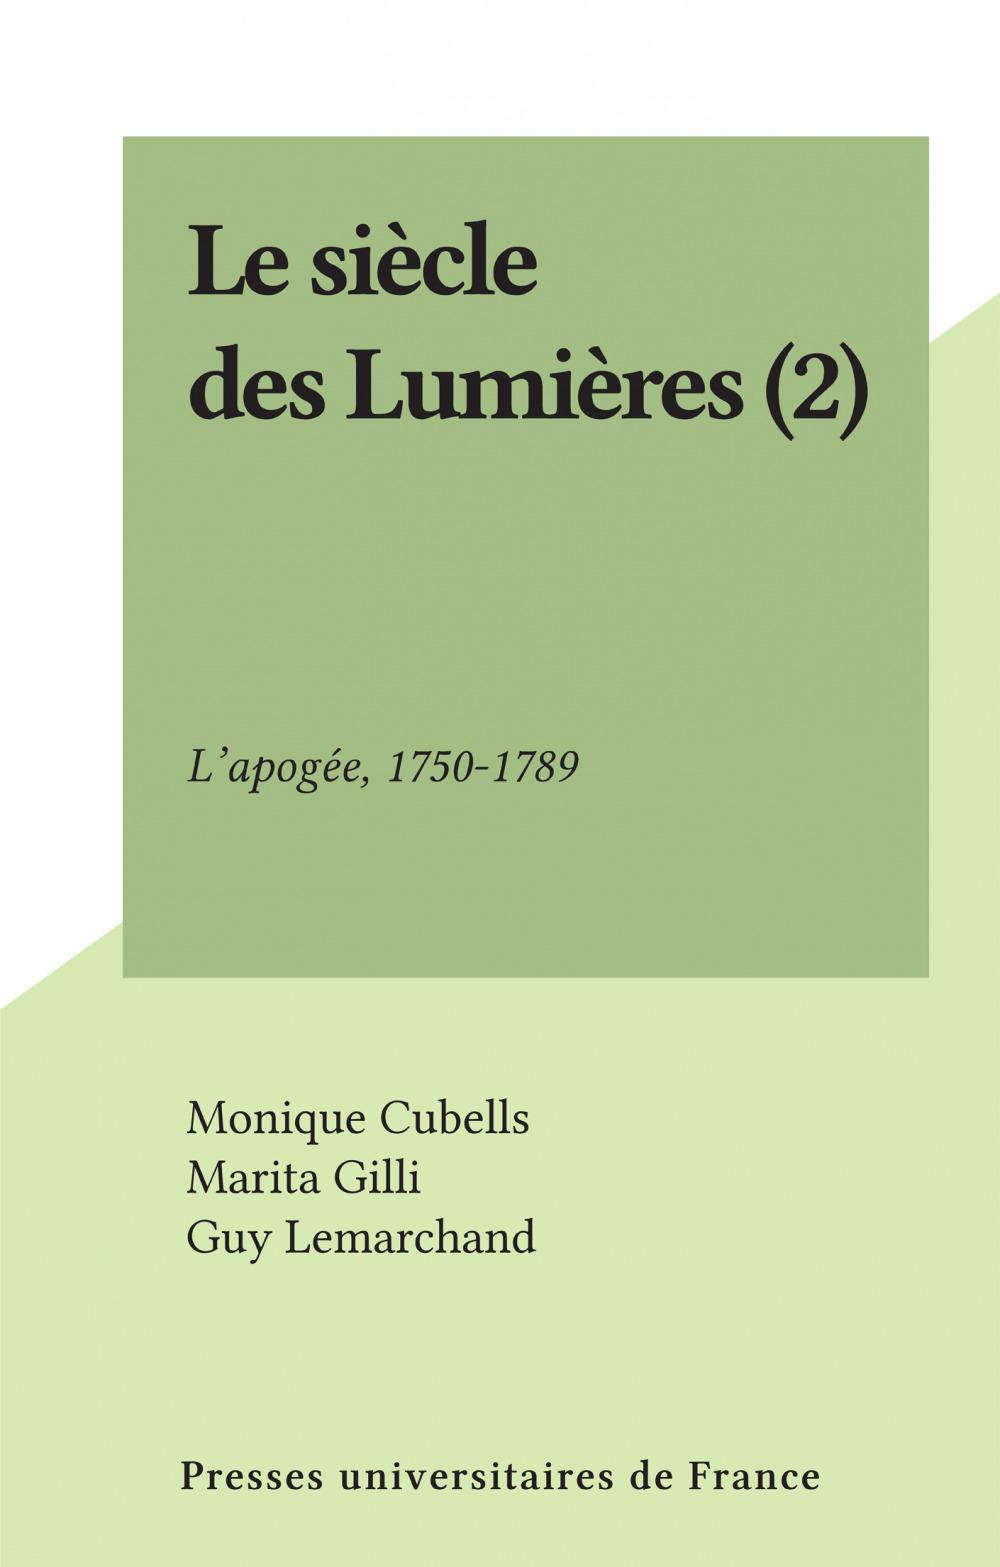 Le siècle des Lumières (2)  - Michel Vovelle  - Monique Cubells  - Marita Gilli  - Guy Lemarchand